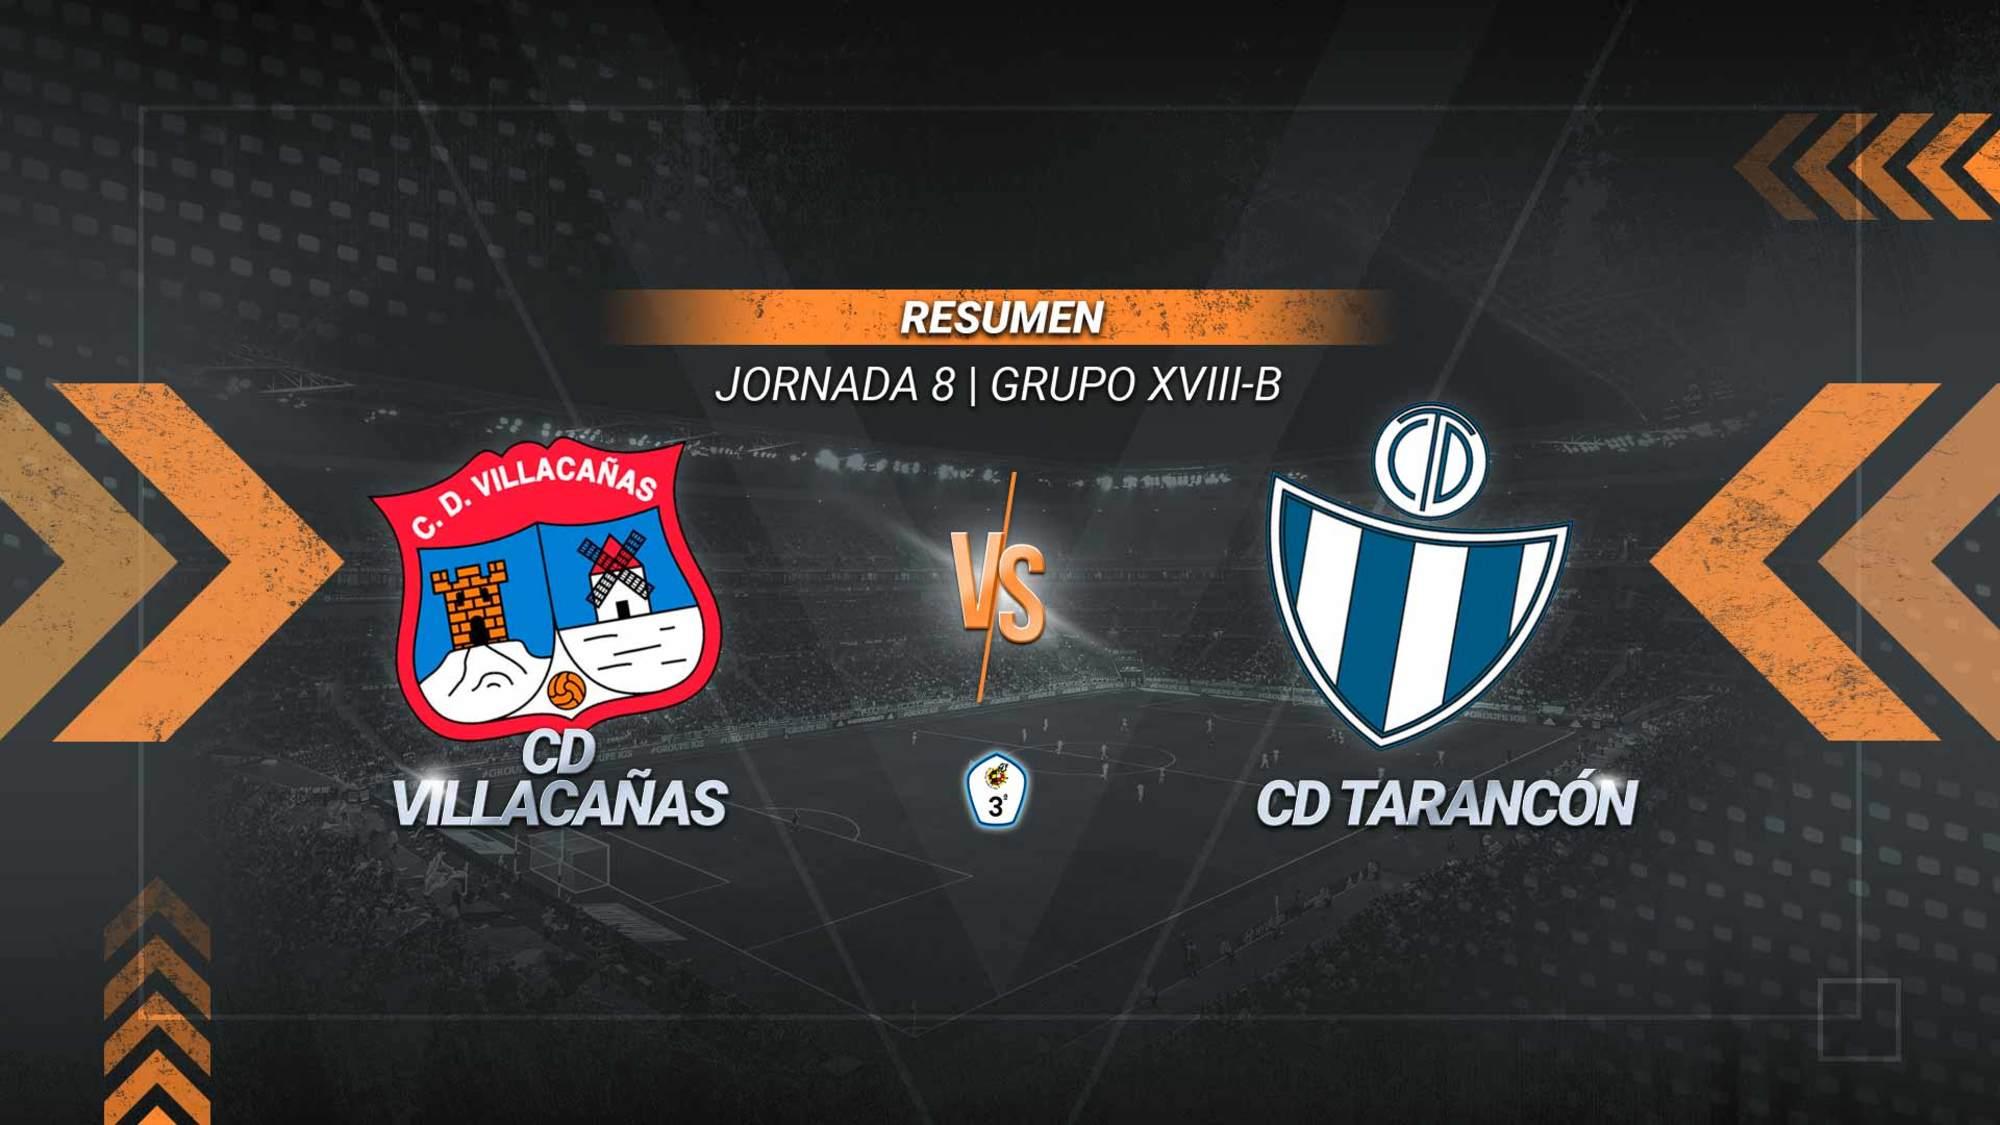 El Villacañas apea del liderato al Tarancón con un gol de Godoy en los primeros minutos de la segunda parte. El equipo villacañero acumula tres victorias consecutivas.